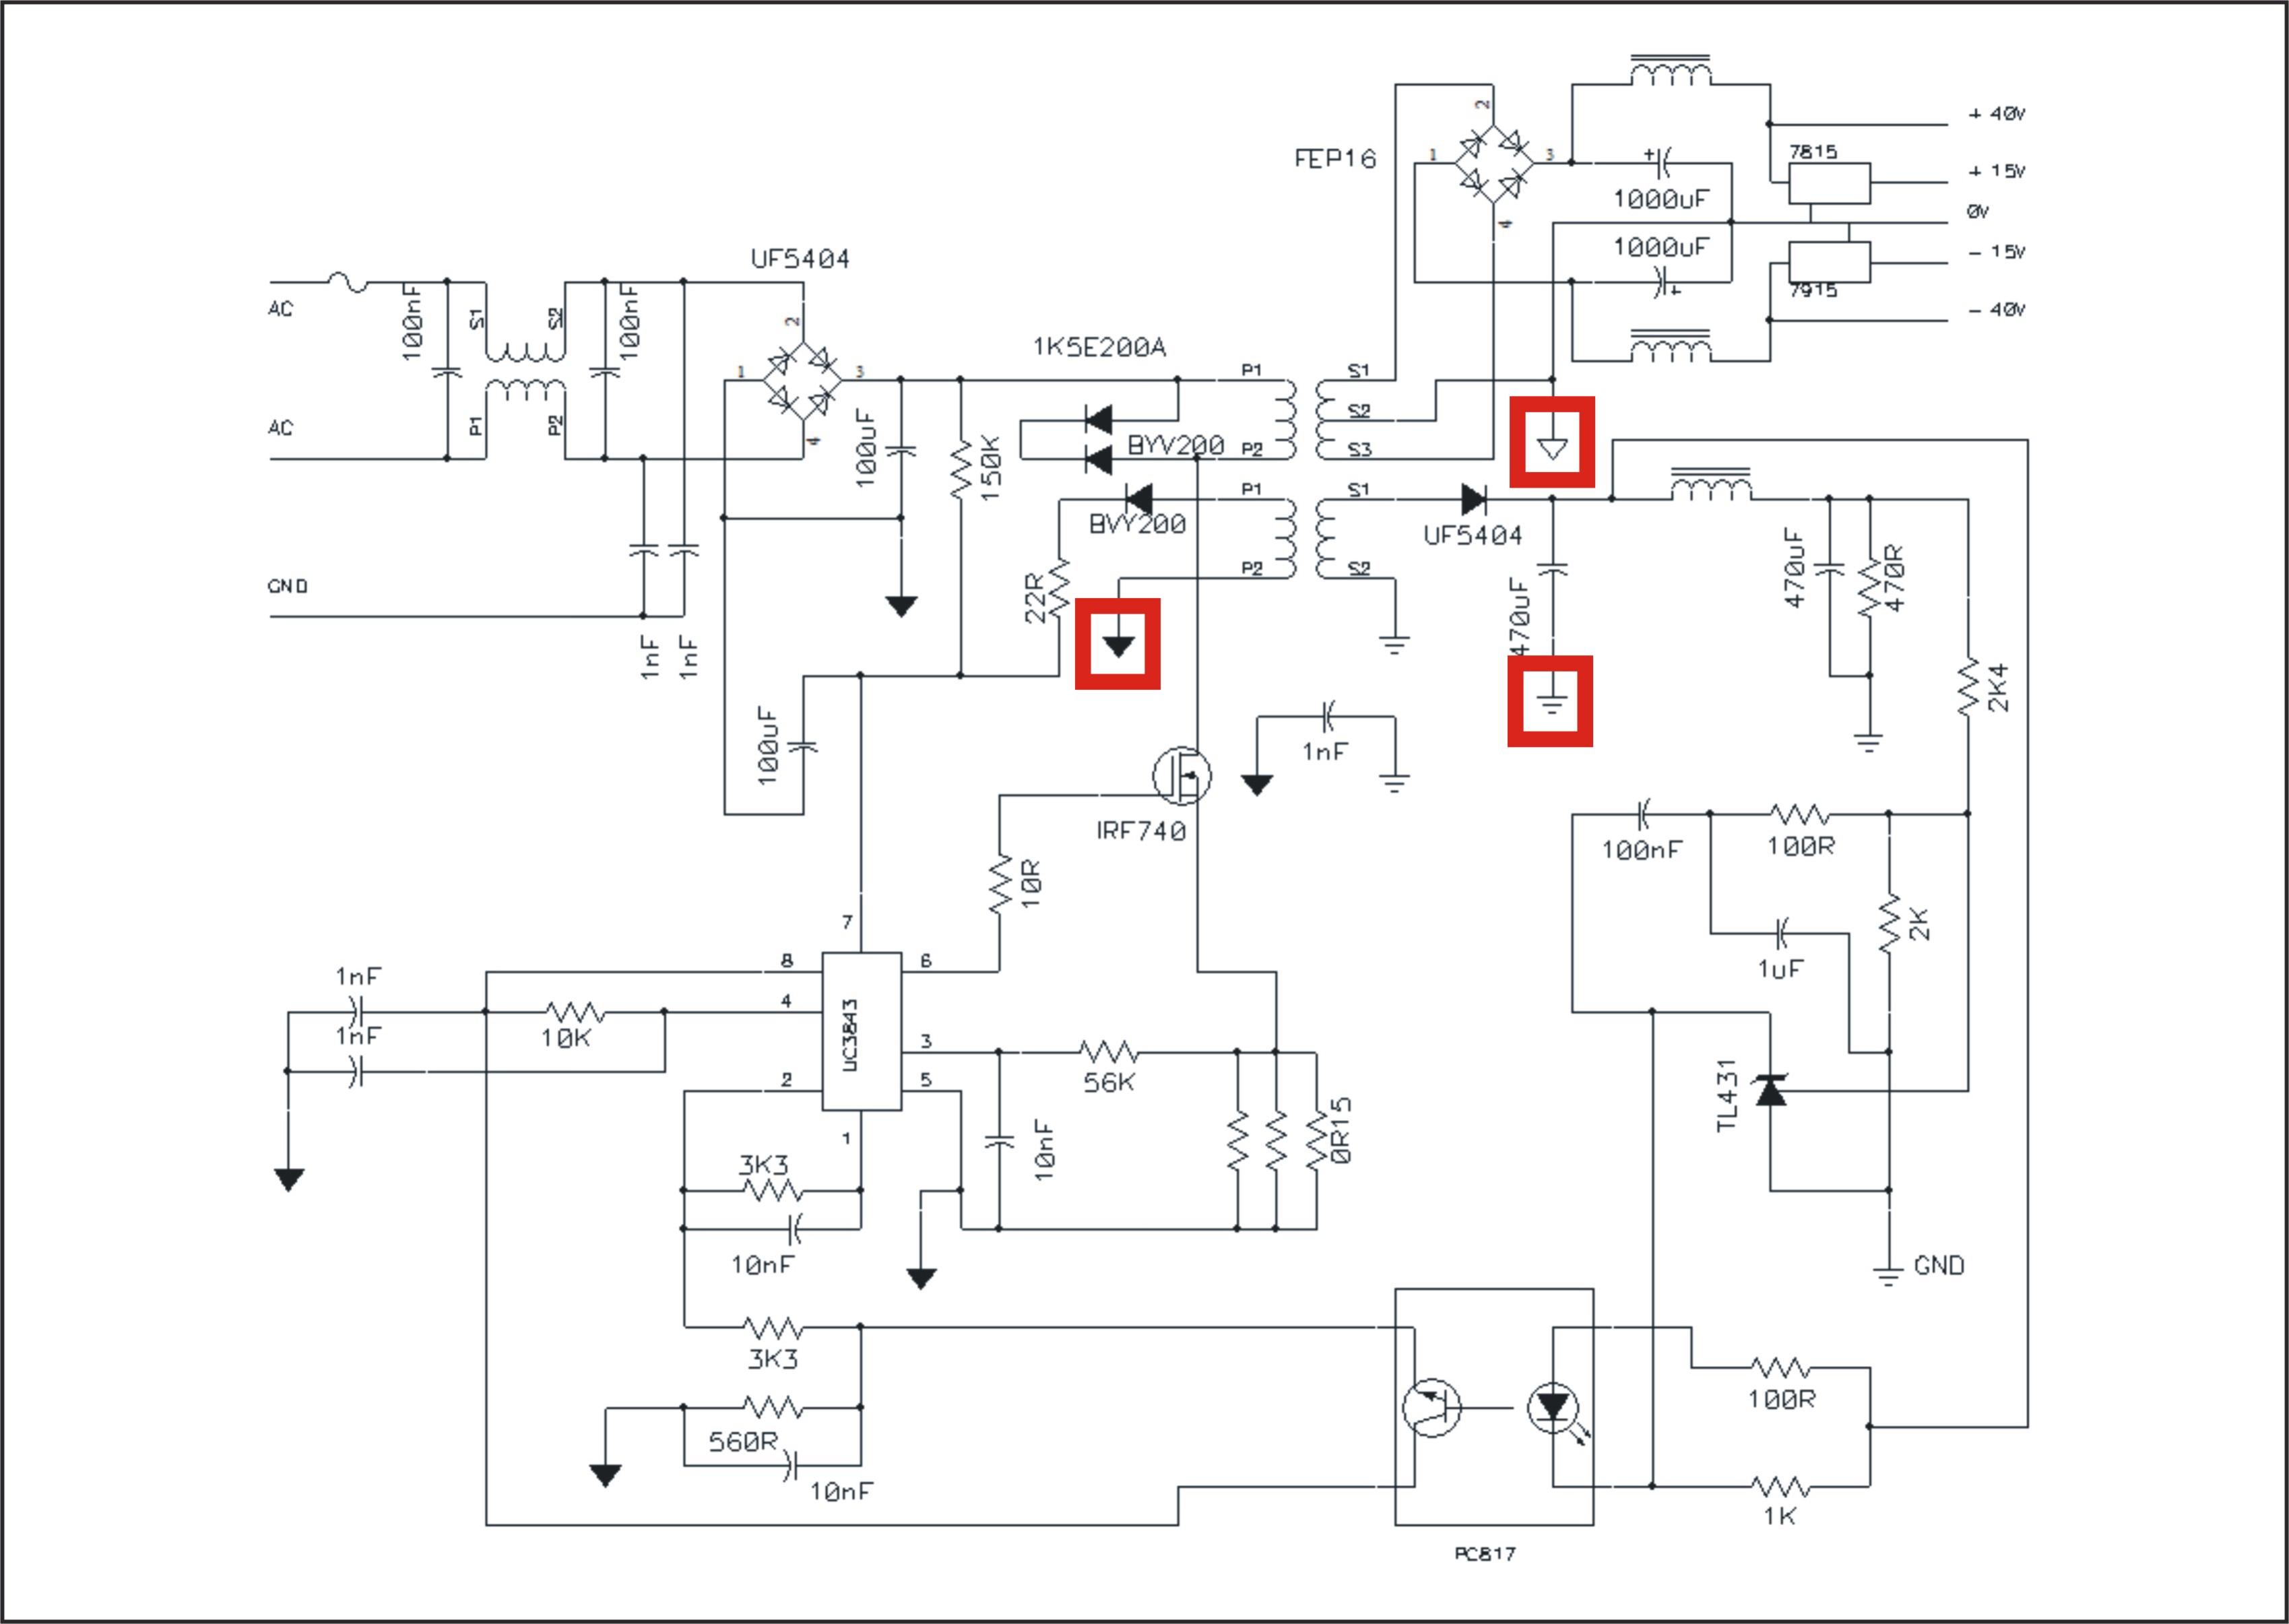 UC3842 symmetric - Power management forum - Power management - TI